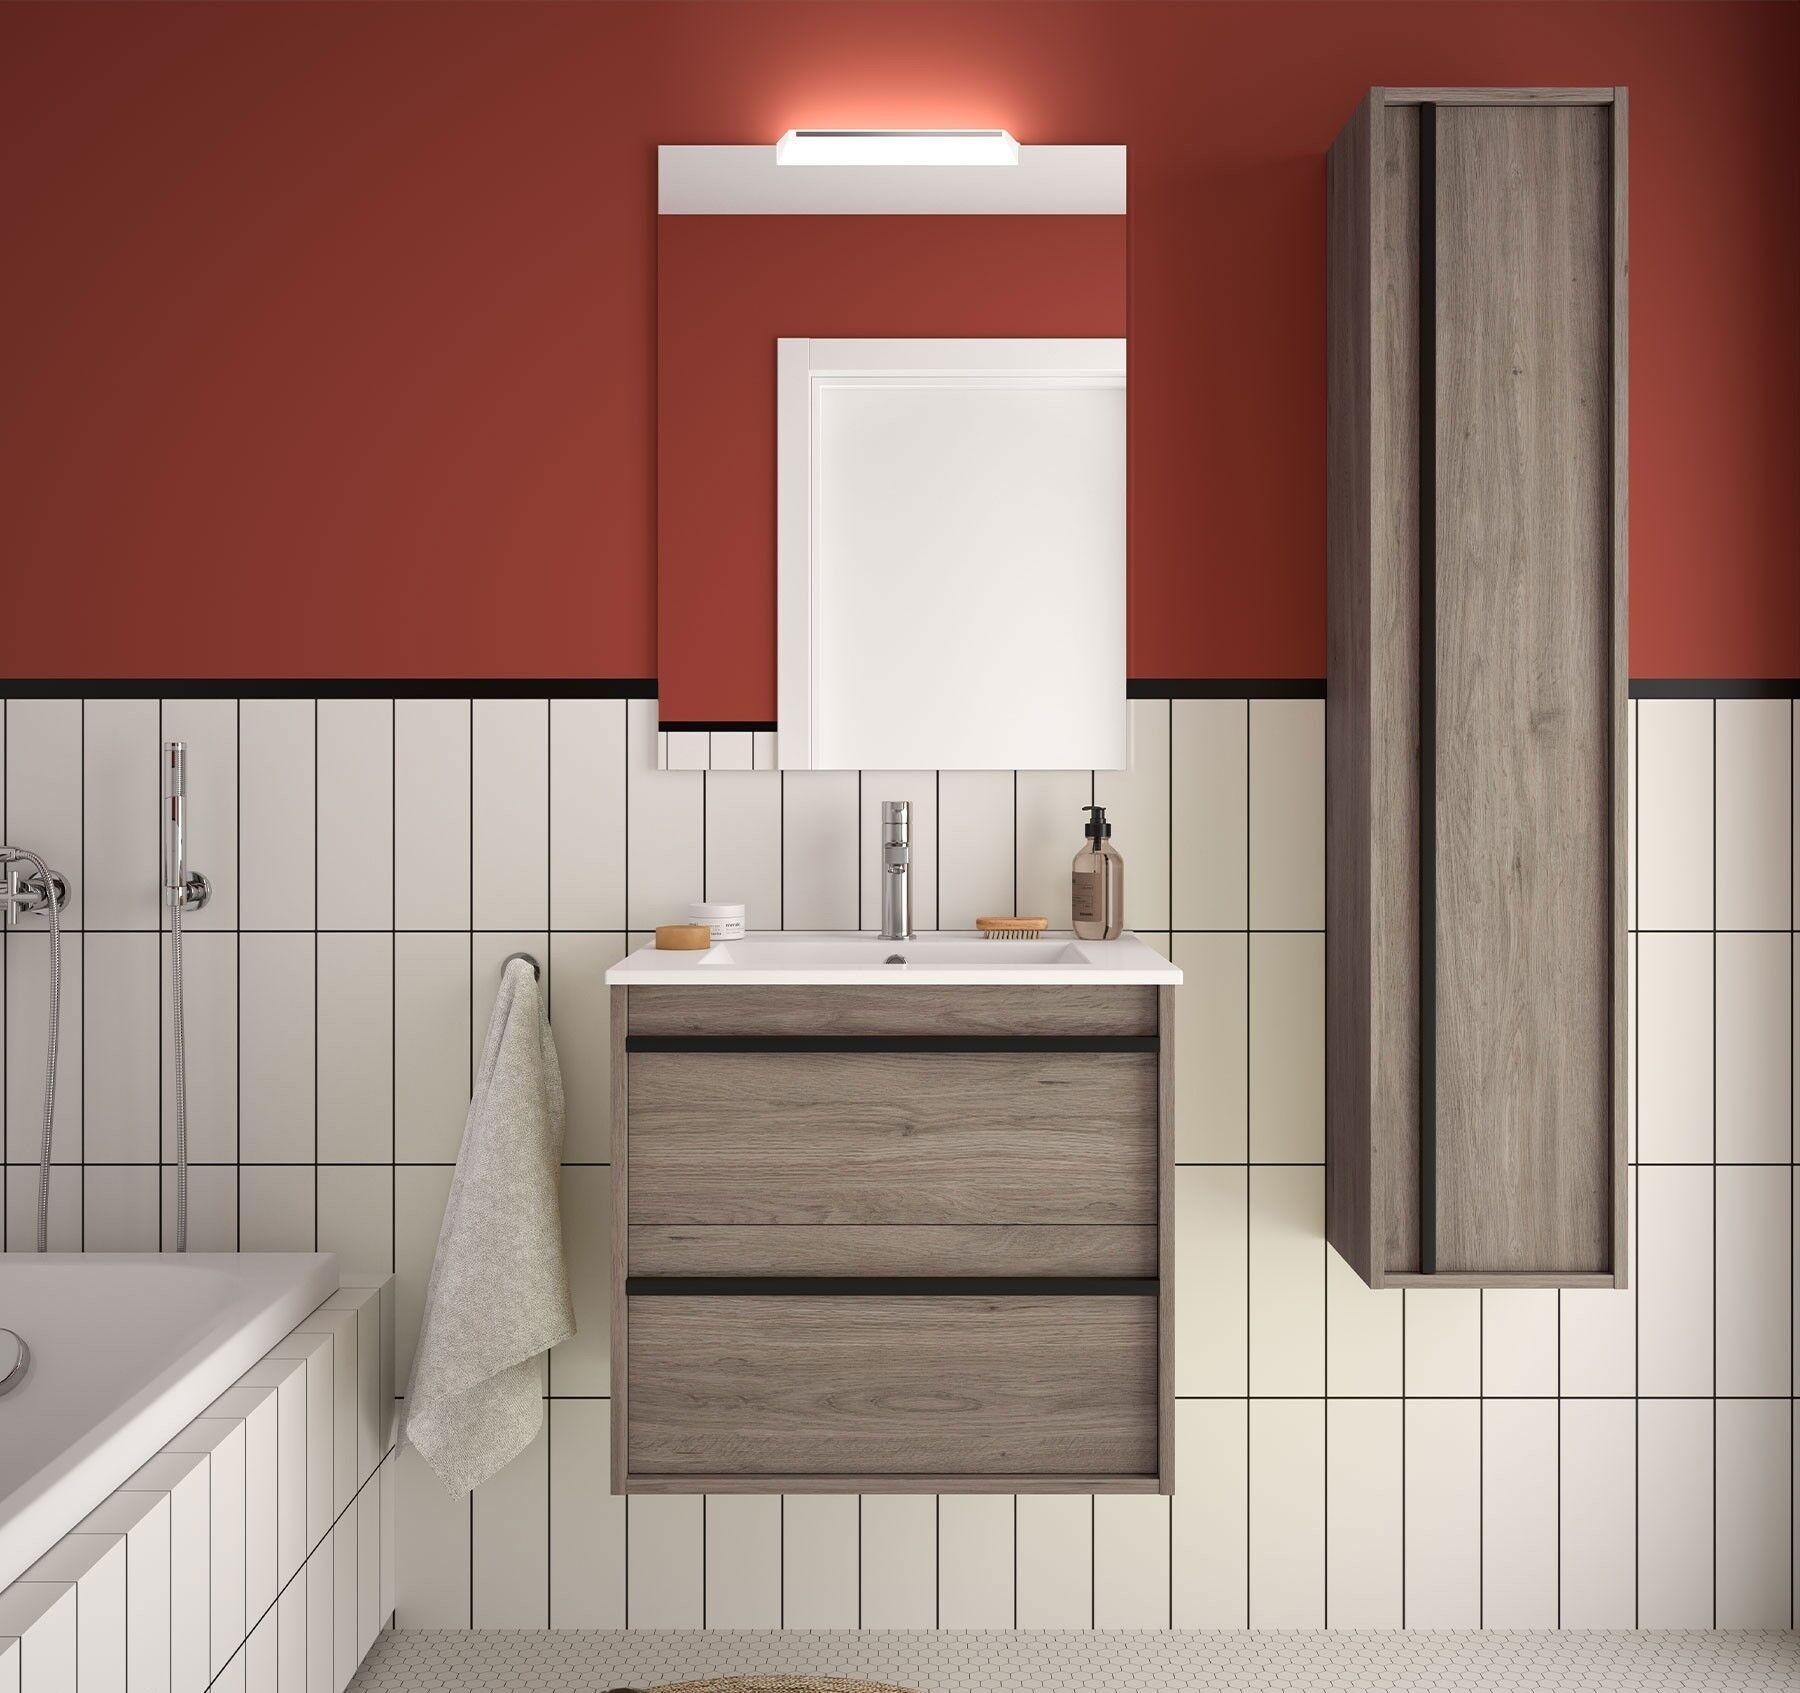 caesaroo mobile bagno sospeso 60 cm nevada in legno rovere eternity con lavabo in porcellana   60 cm - con doppia colonna, specchio e lampada led